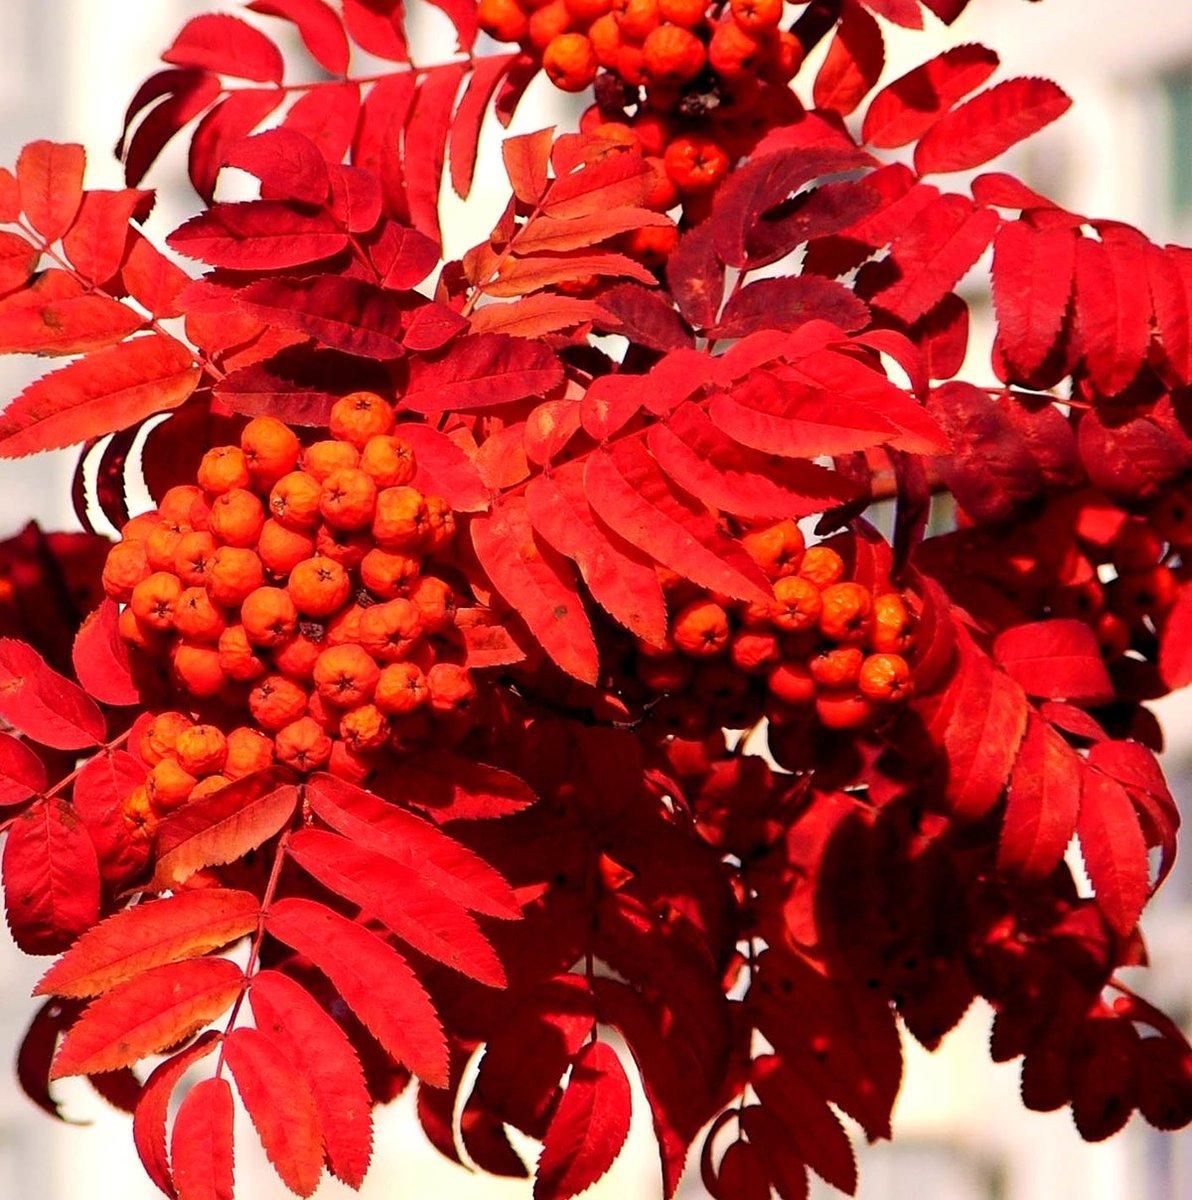 чесоткой картинки осенняя листва рябина для крепления